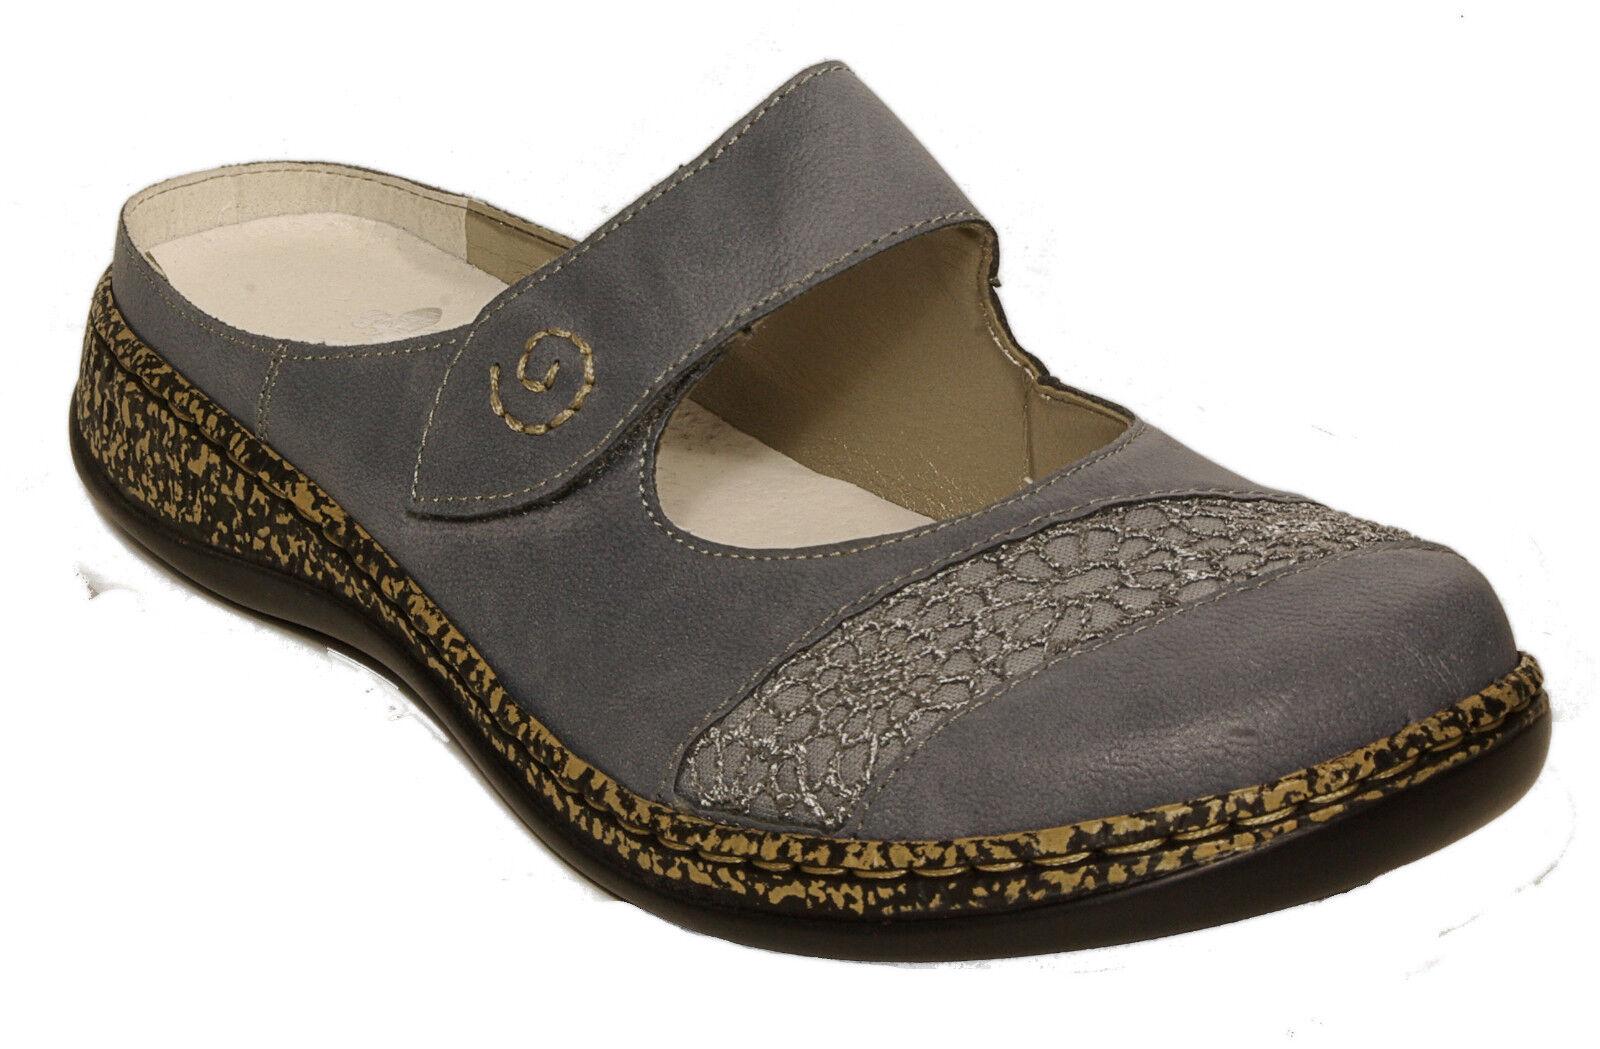 Rieker zapatos de moda sandalias estorbos azul velcro nuevo